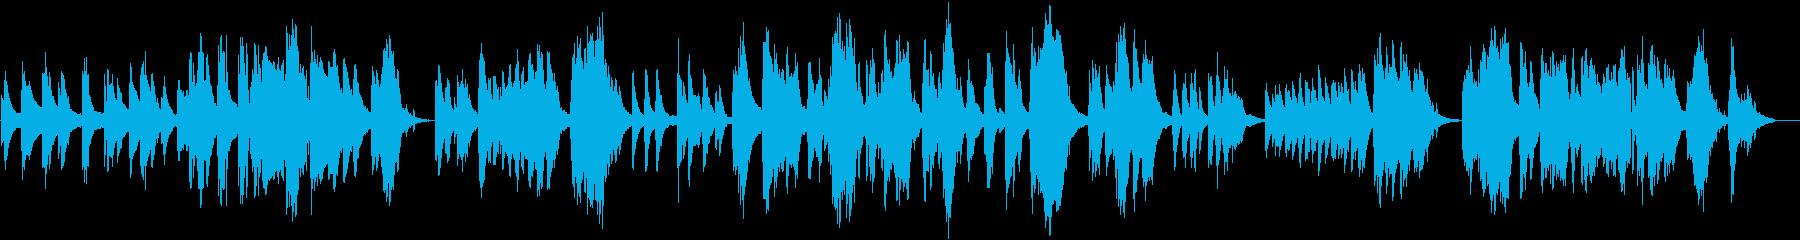 ピアノソロ、ジャズバラード調の再生済みの波形